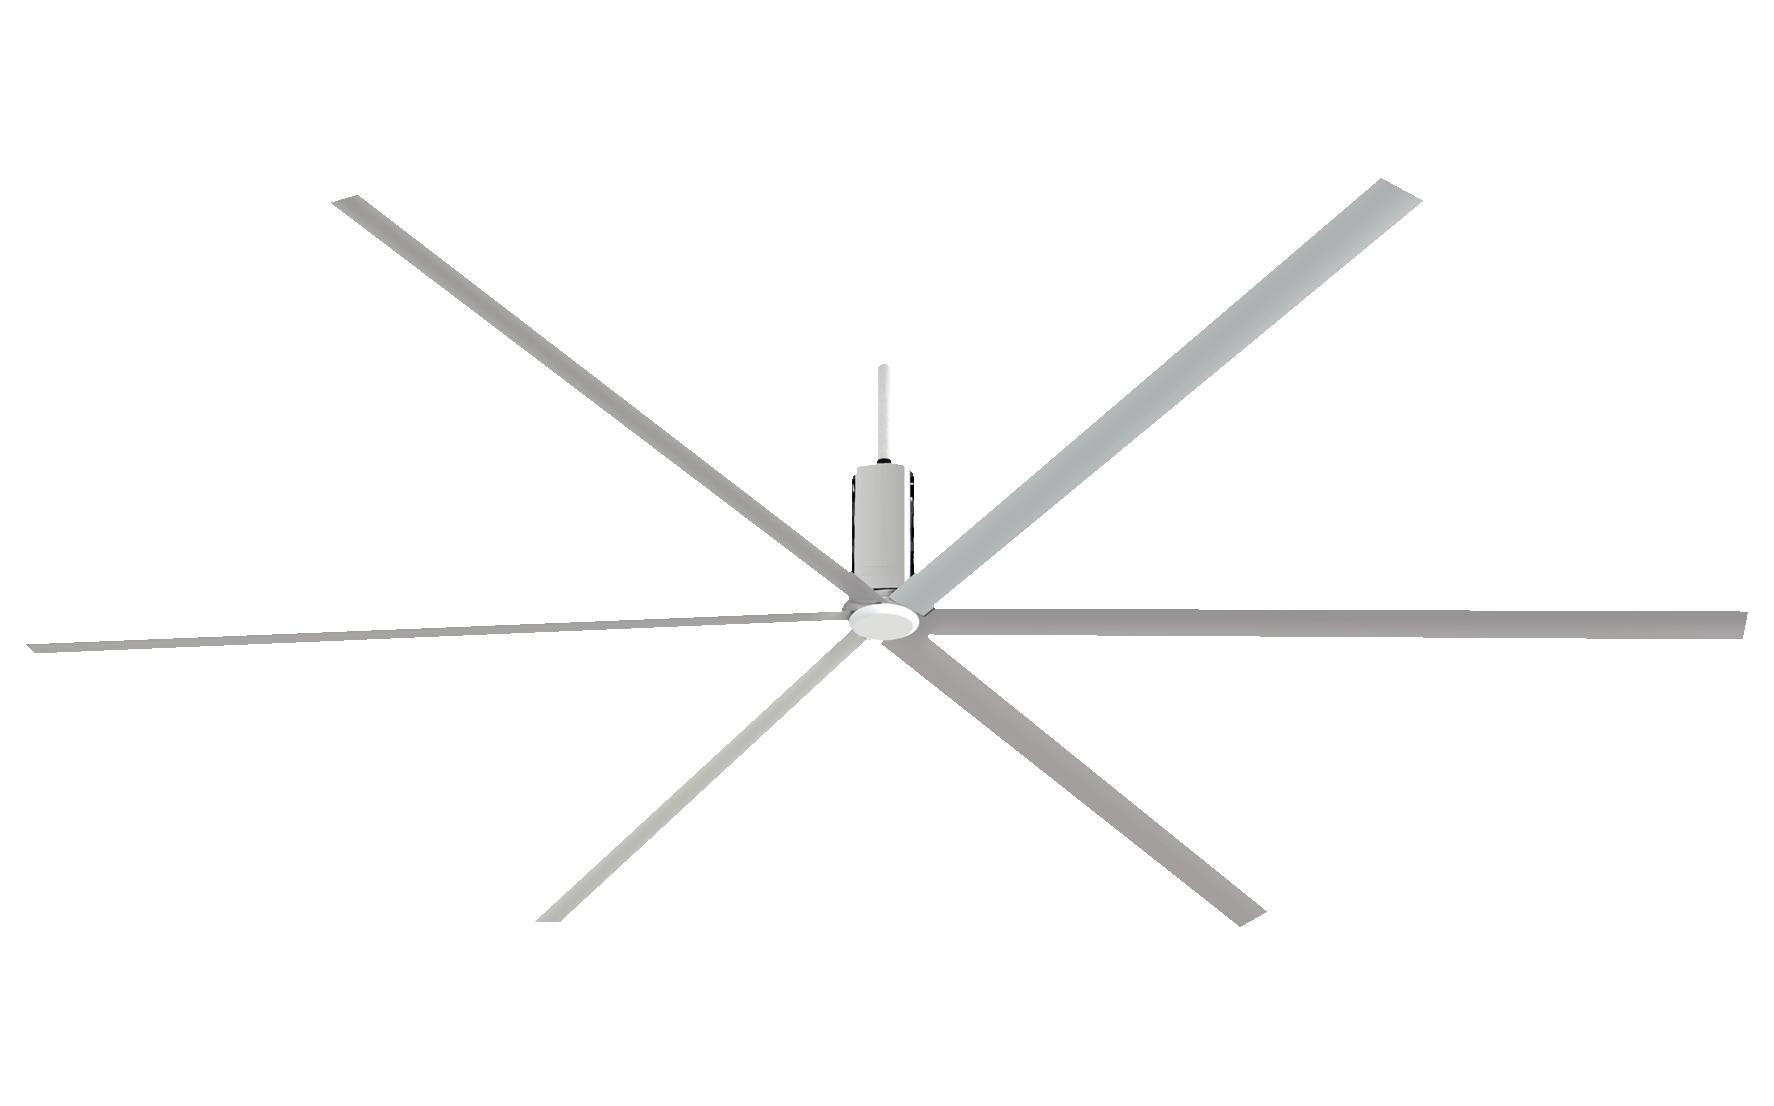 大吊扇-微信图片_20200811102600